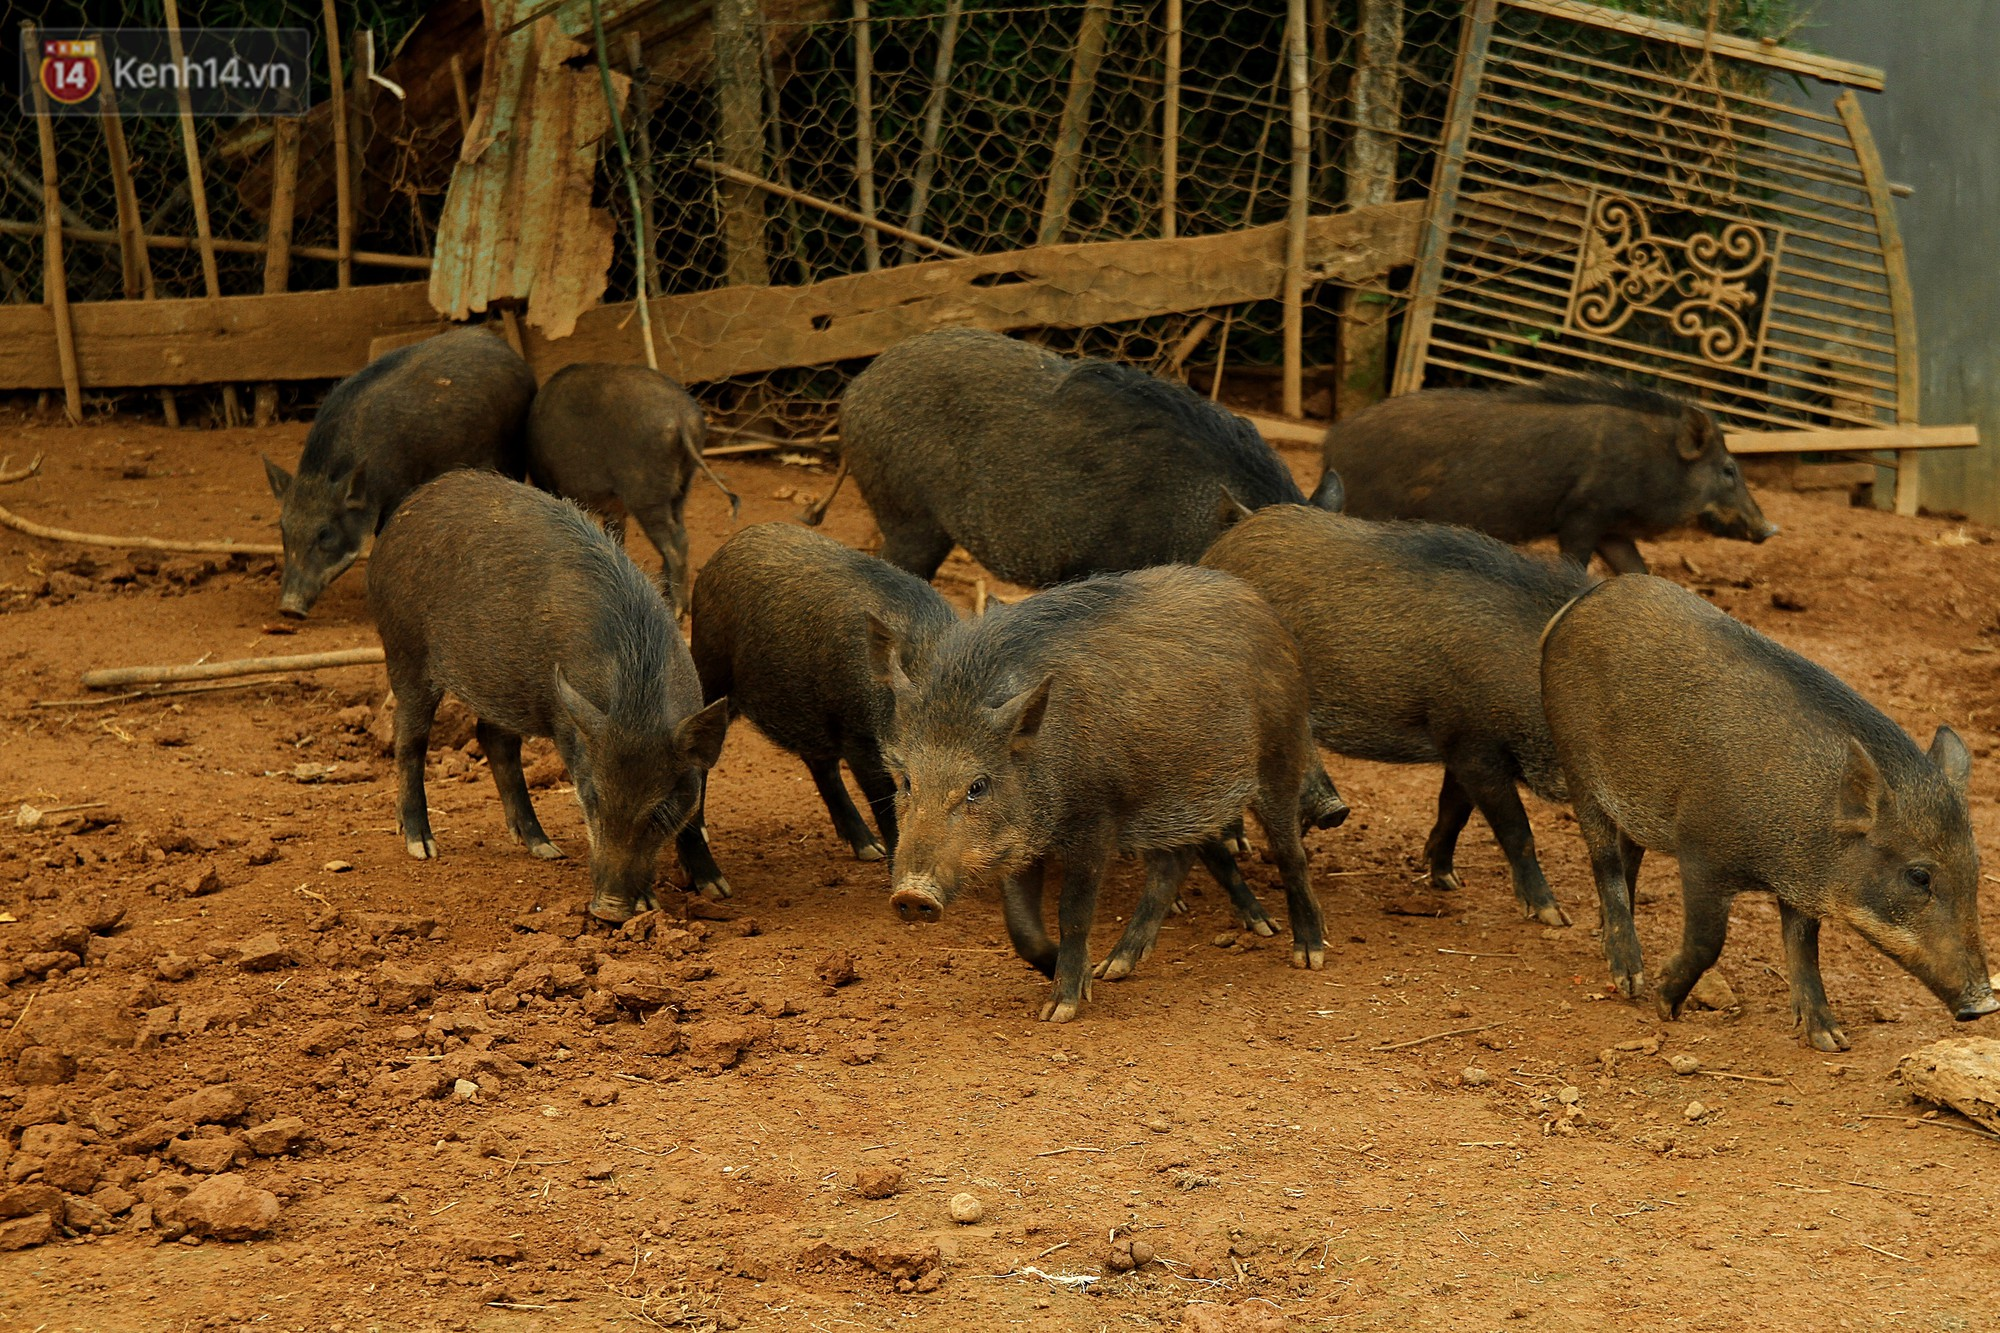 Cả đàn lợn thấy thức ăn đều lon ton chạy tới.